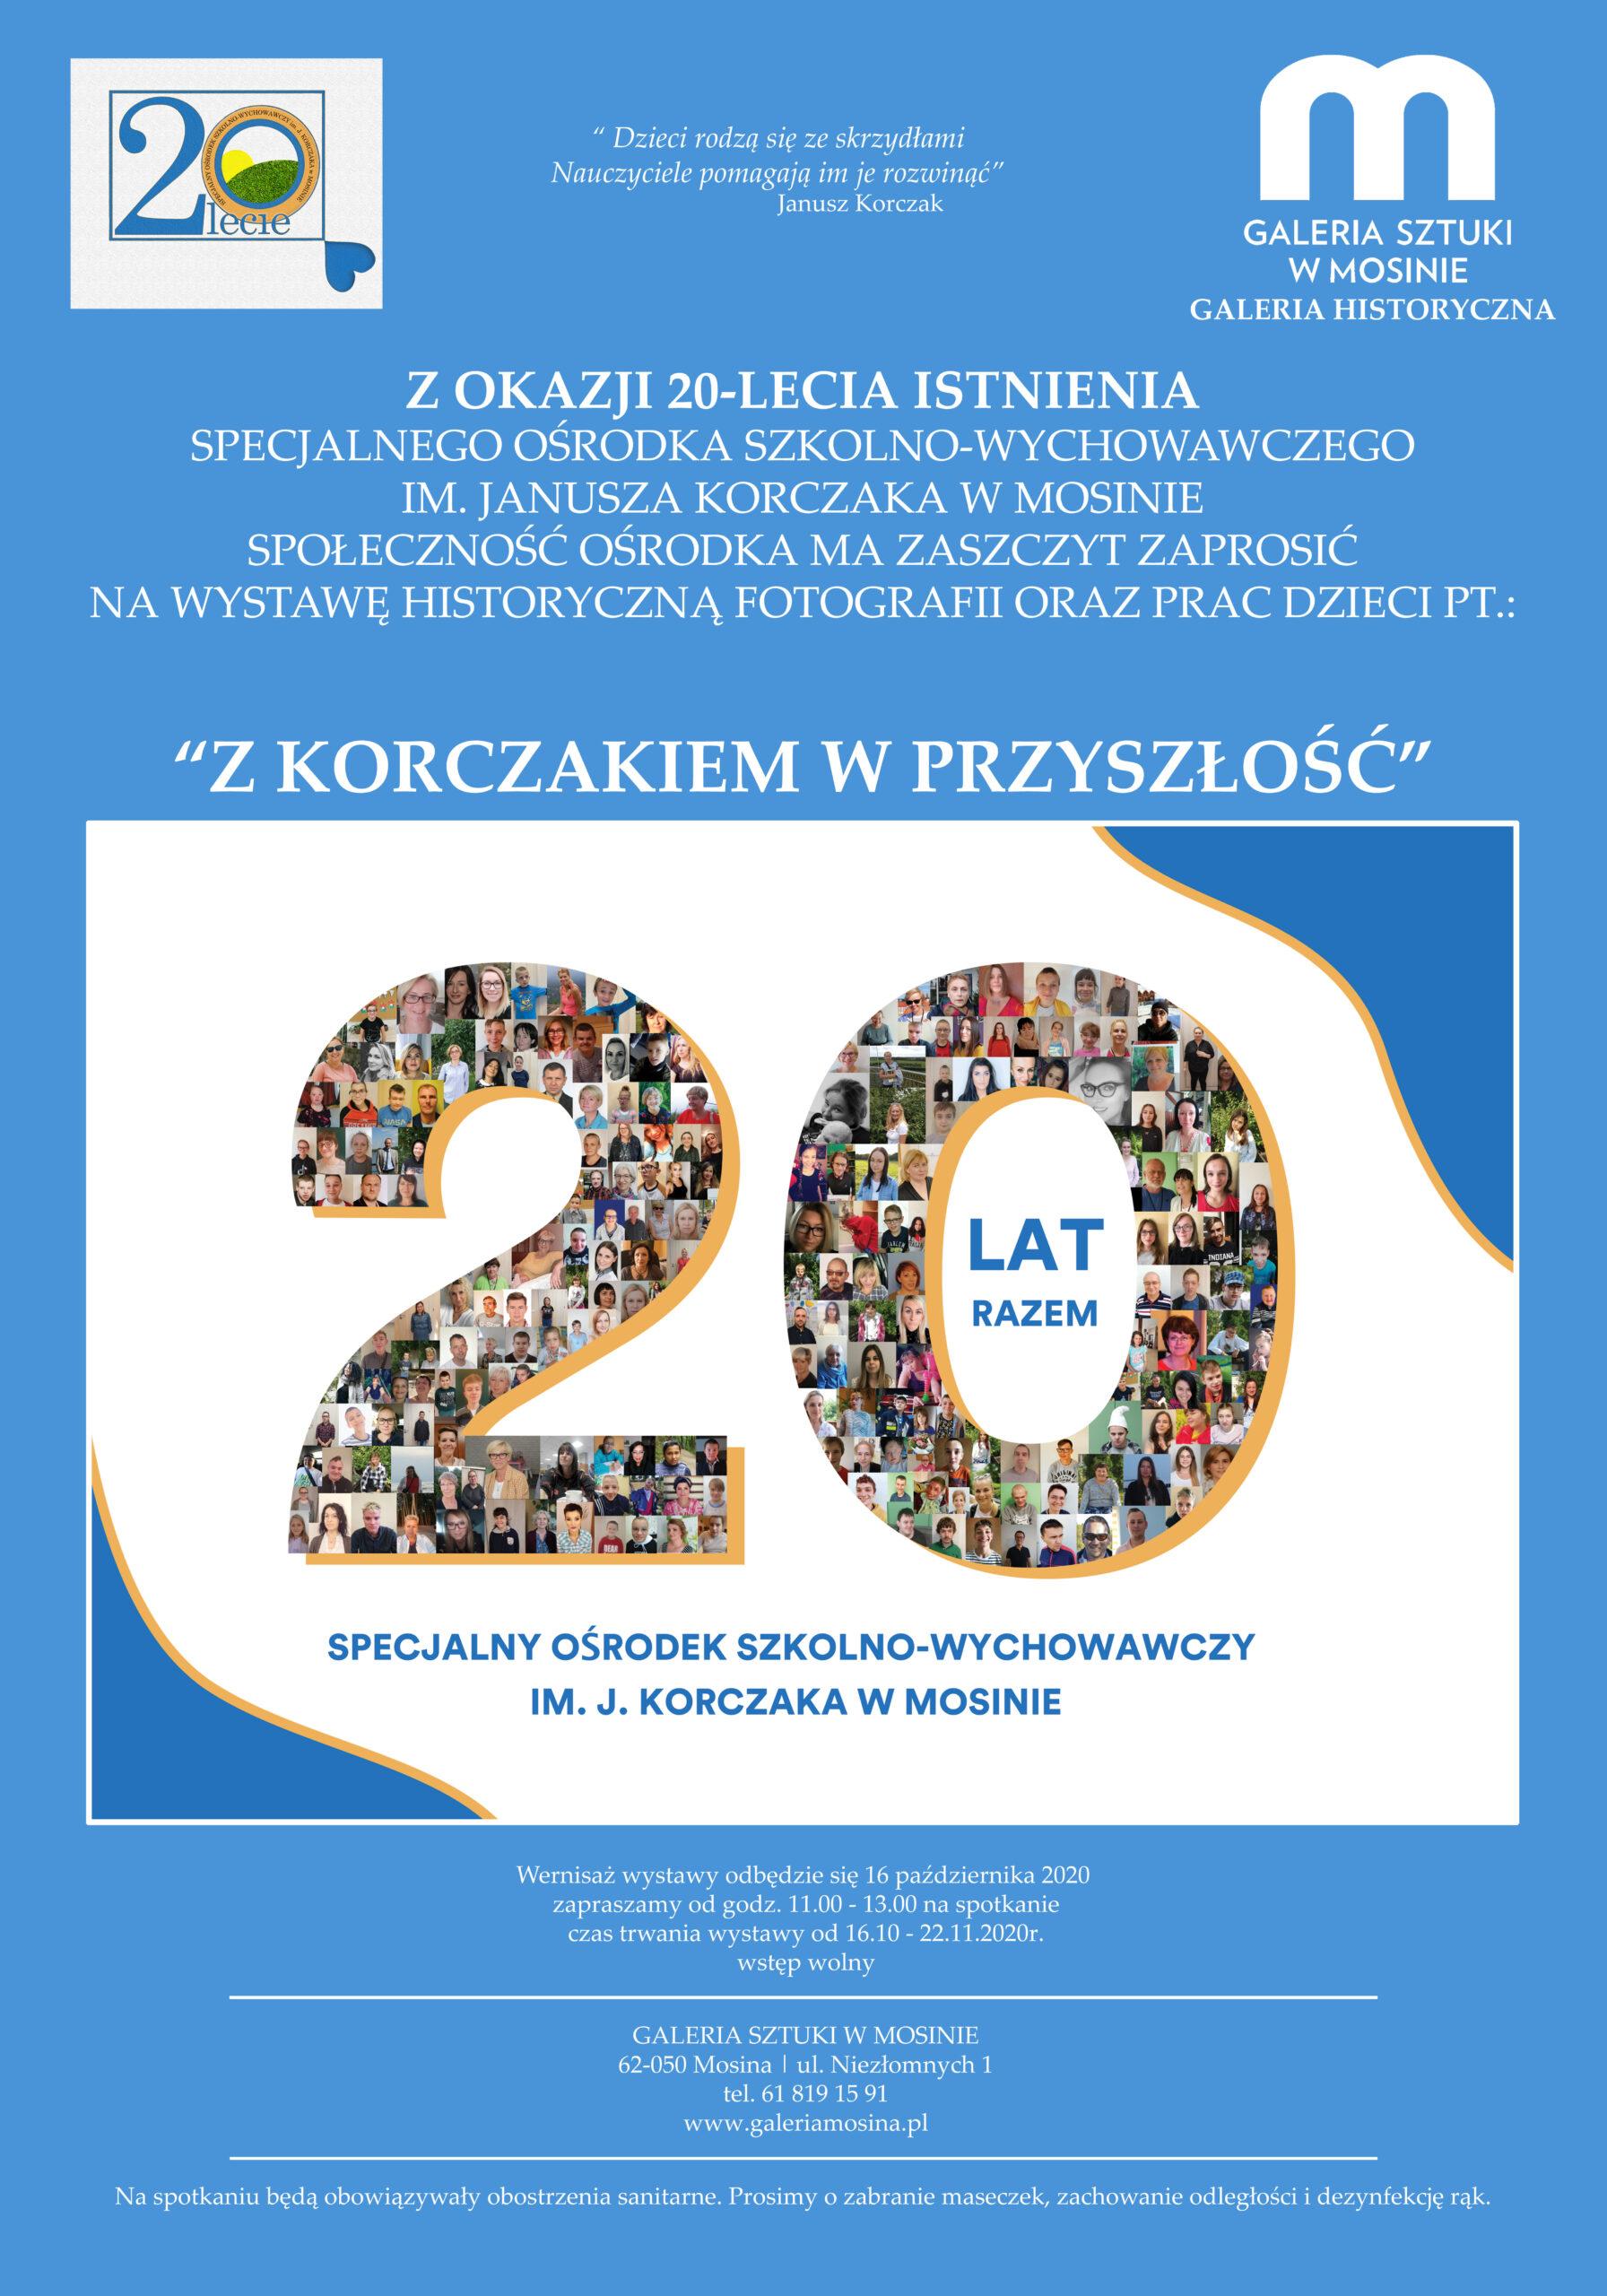 plakat z Korczakiem w przyszłość